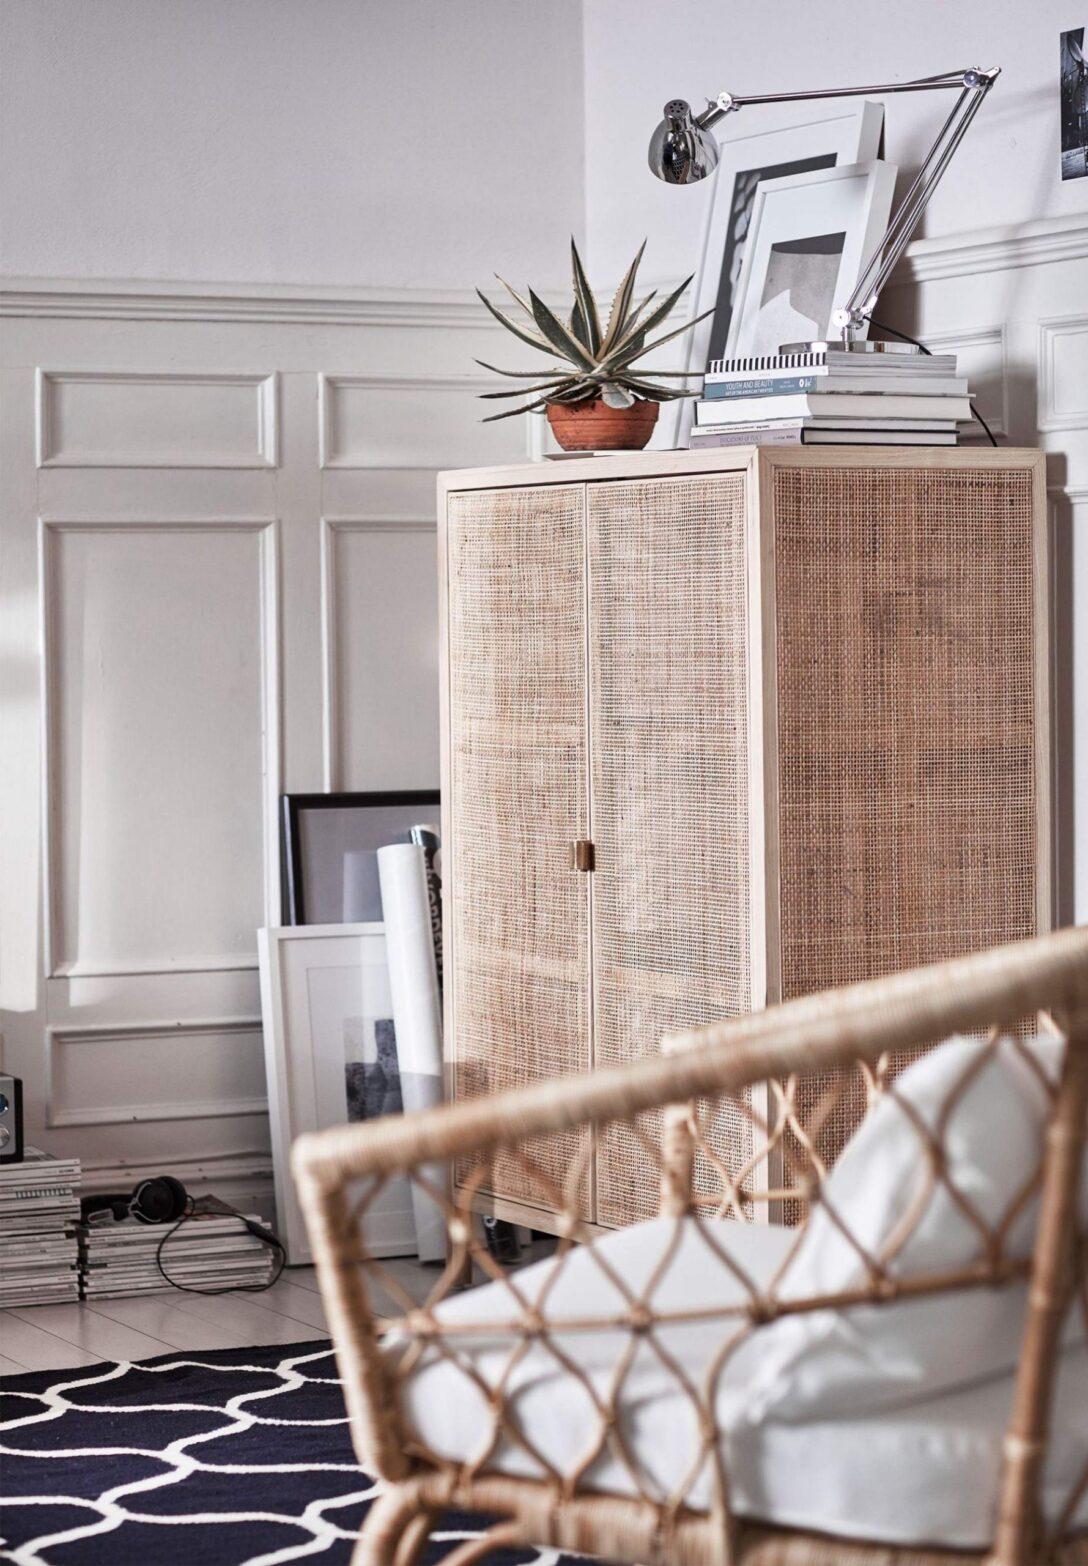 Large Size of Ikea Miniküche Betten 160x200 Bei Küche Kosten Sofa Mit Schlaffunktion Kaufen Modulküche Wohnzimmer Hängelampen Ikea